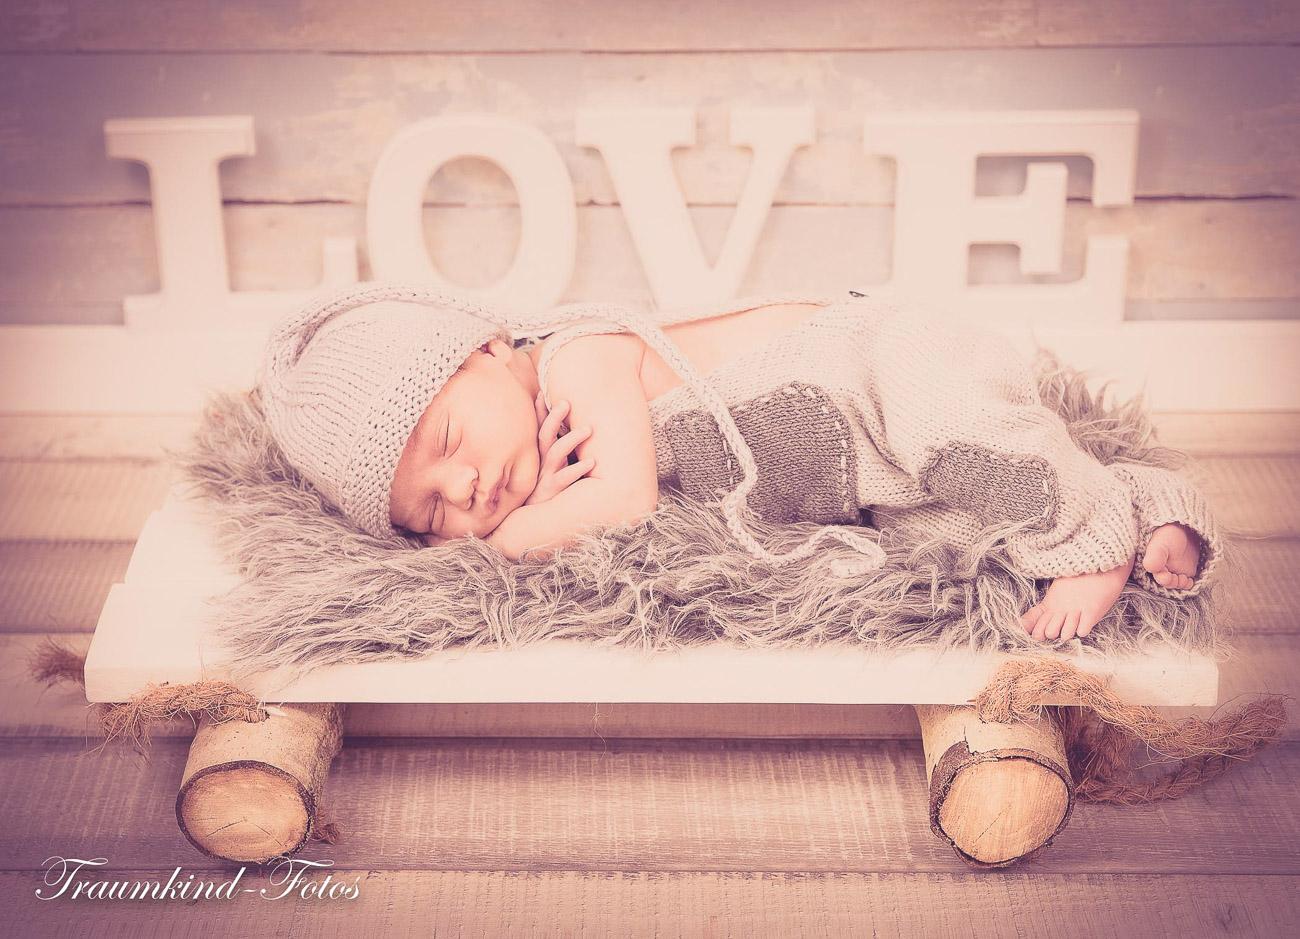 Traumkind Fotos Neugeborenen Fotos Essen - Babyfotos